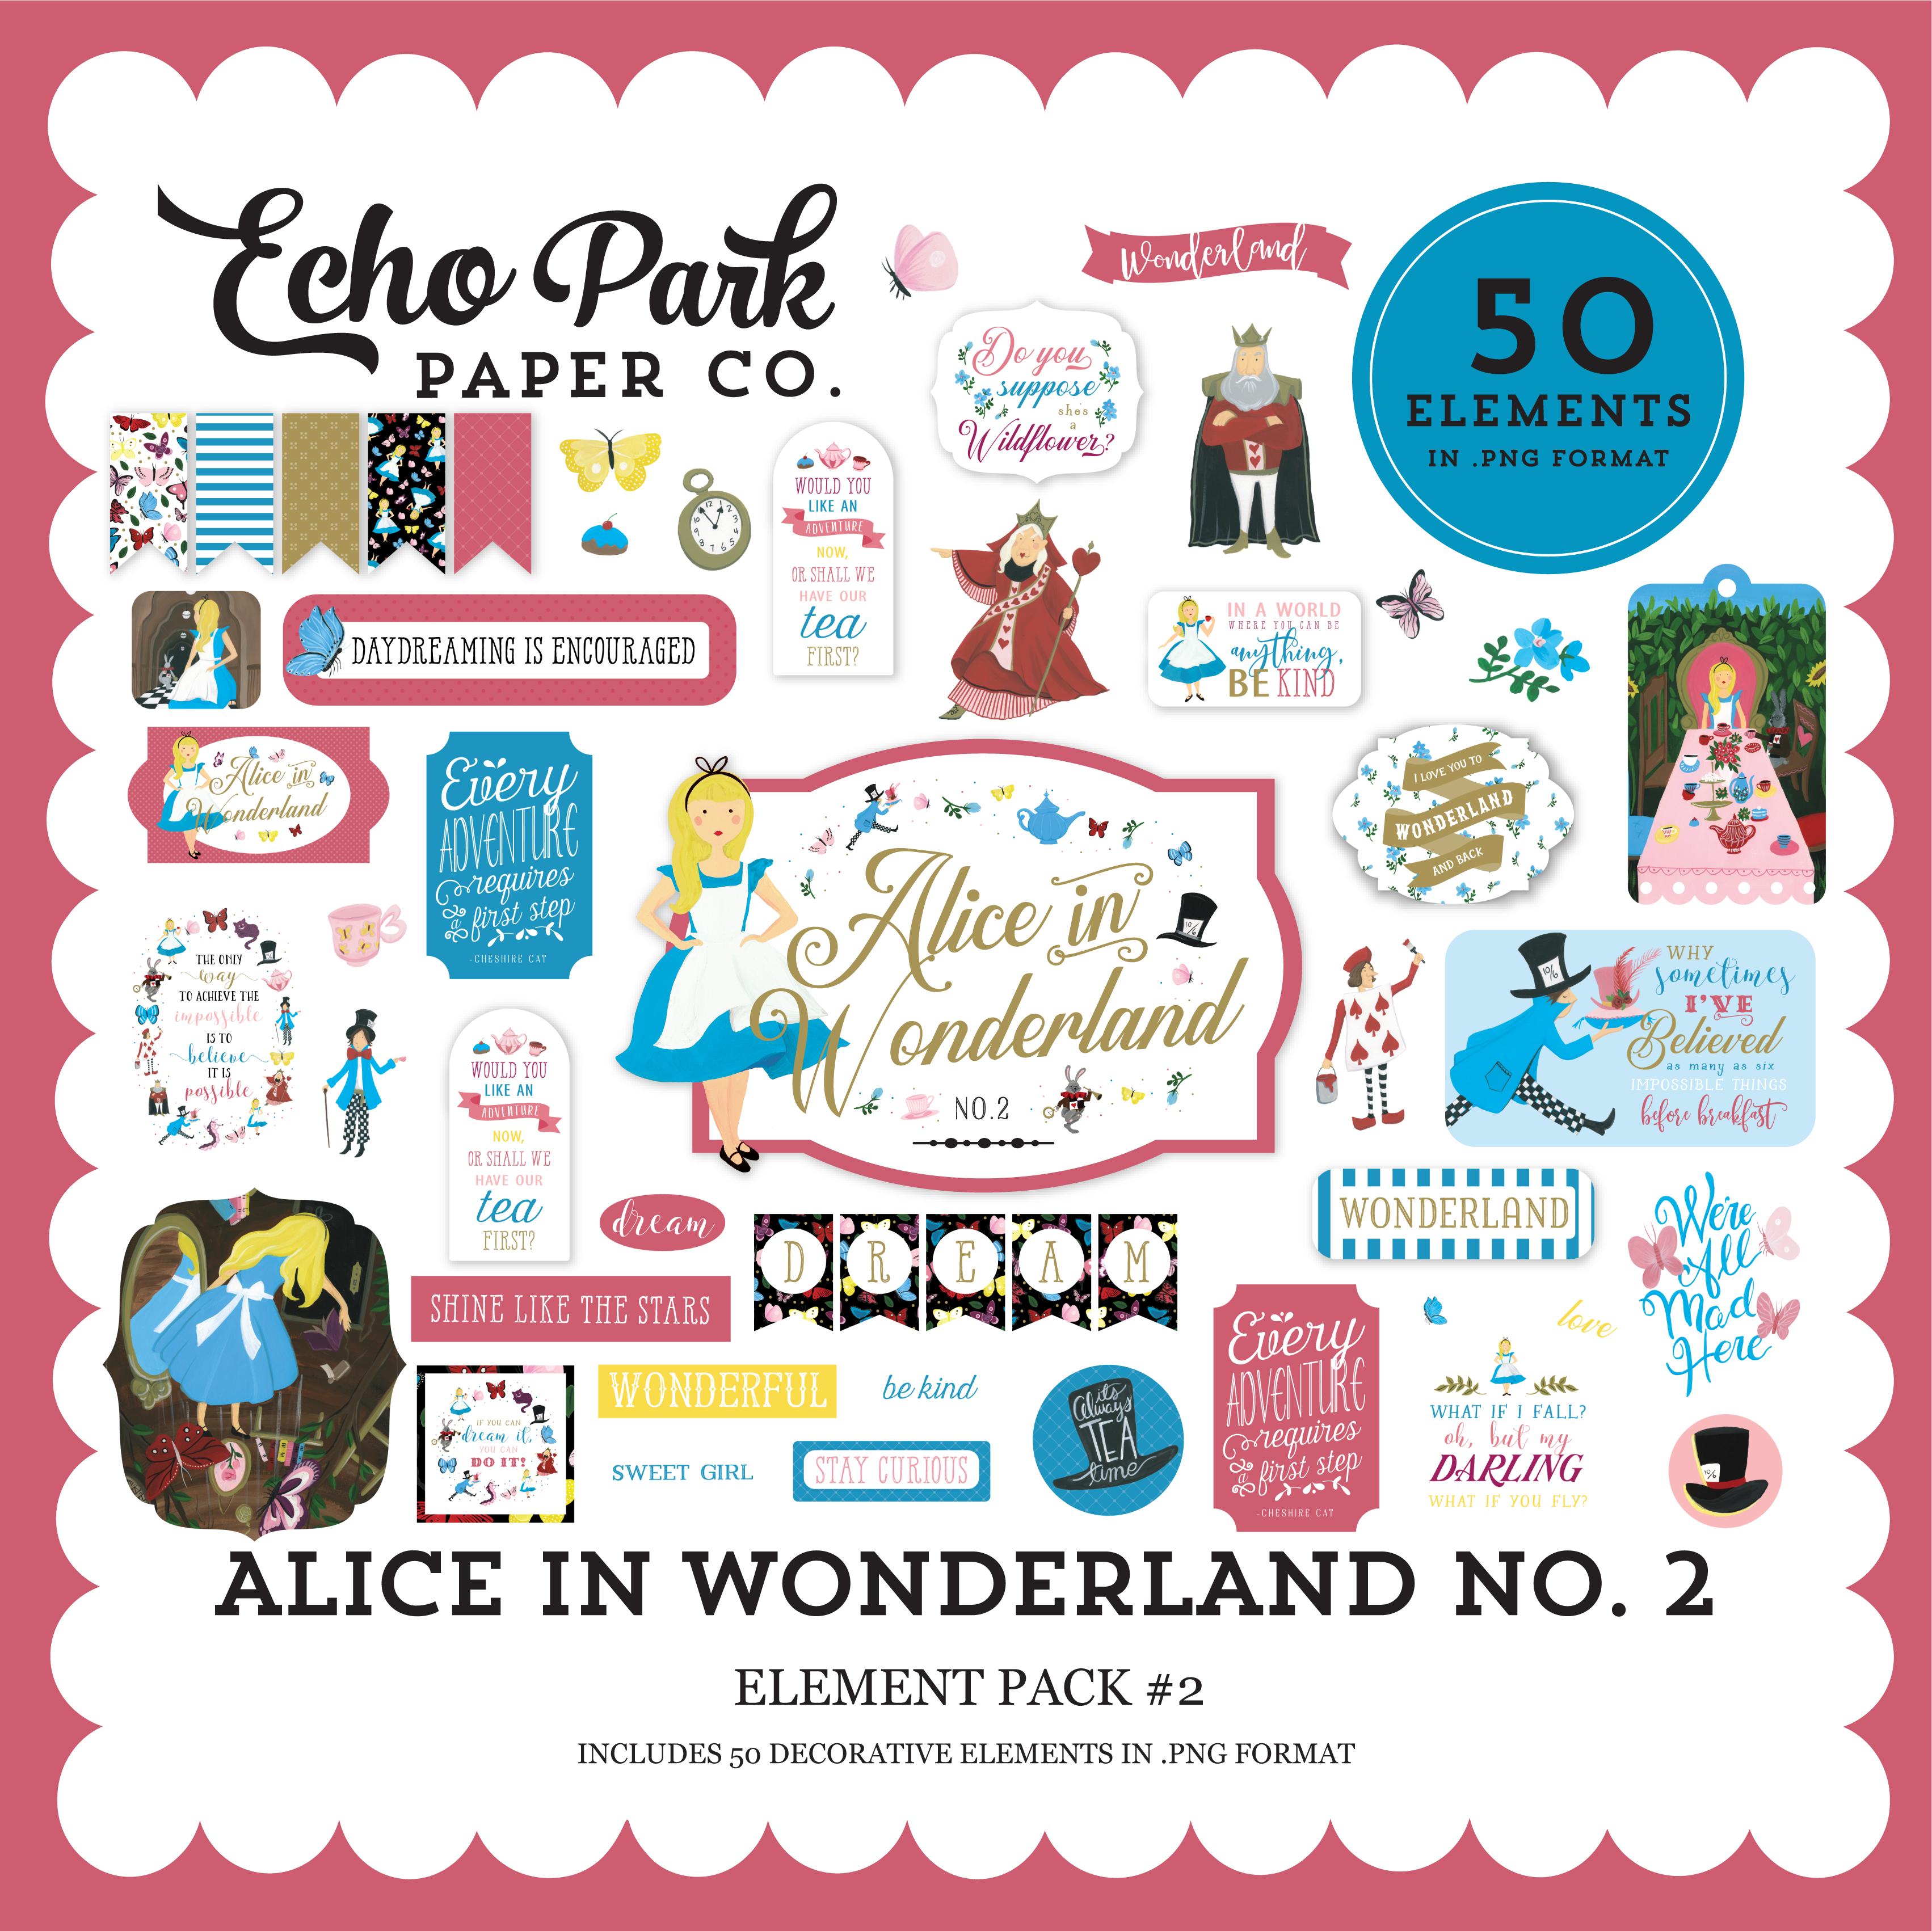 Alice in Wonderland No. 2 Element Pack #2